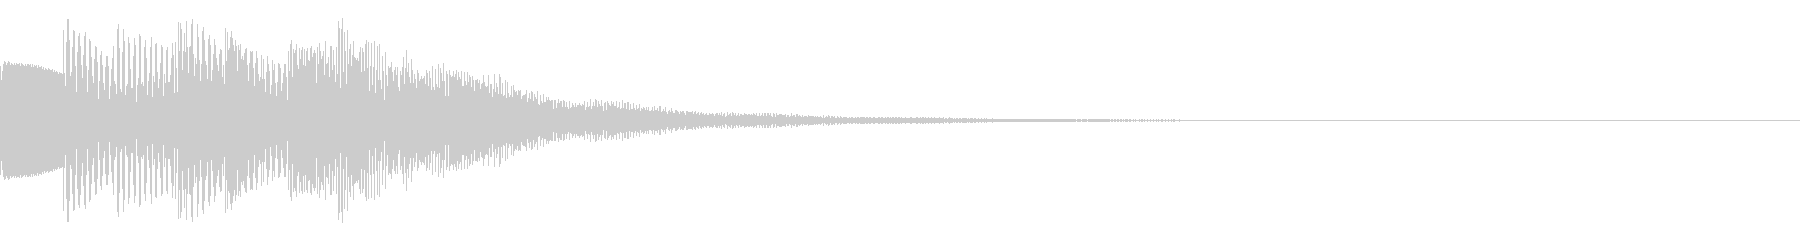 お知らせ音01(ベル系)の未再生の波形